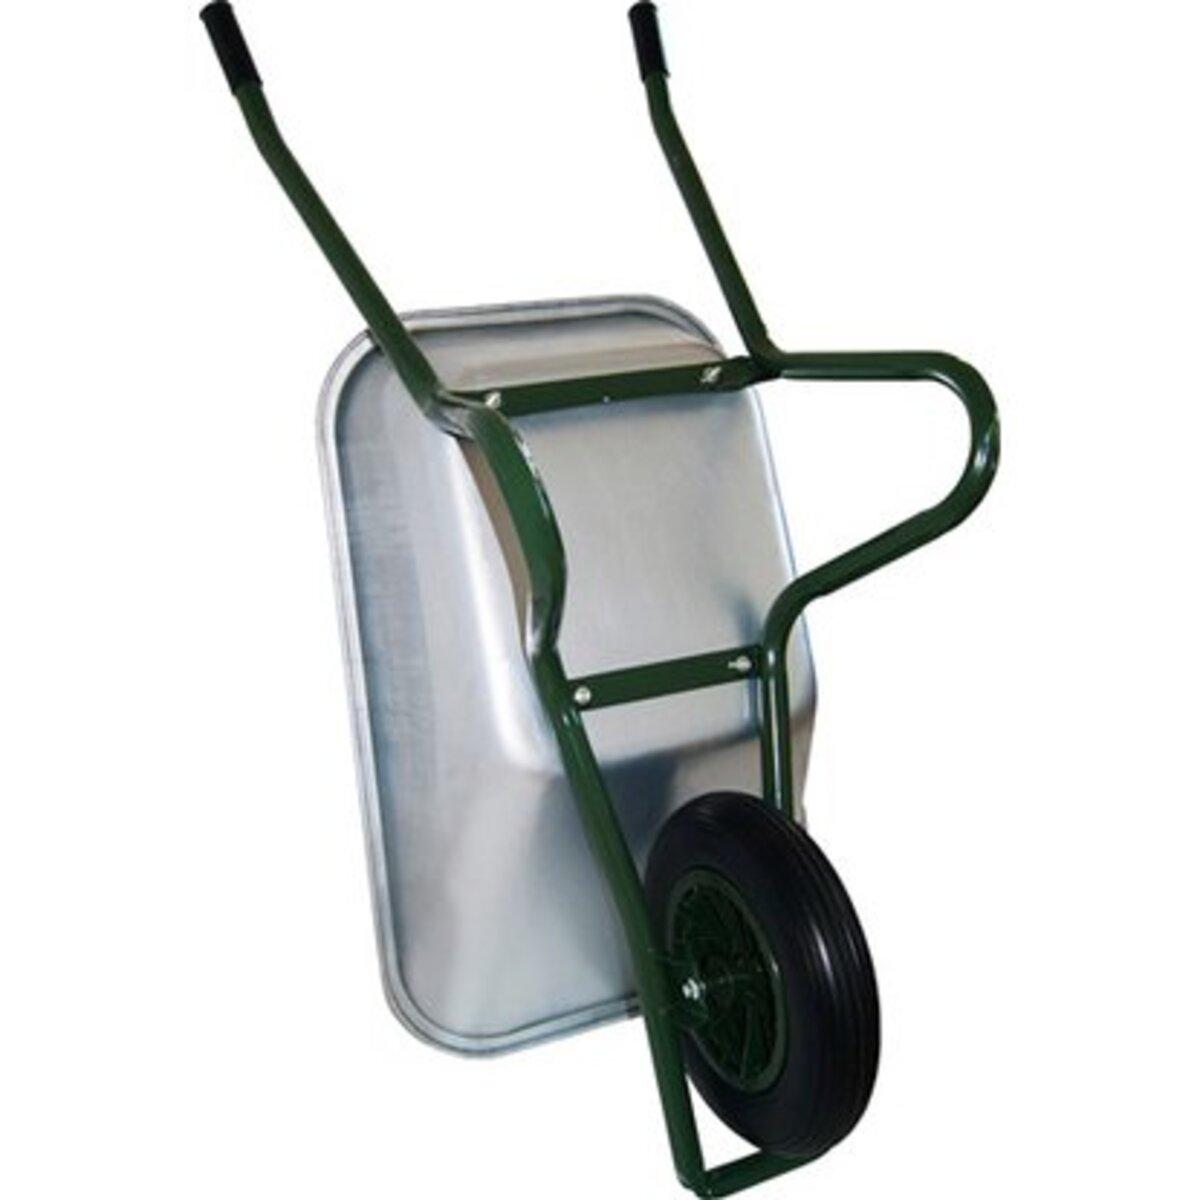 Bild 2 von Gartenschubkarre 85 l 120 kg Tragkraft mit pannensicherem PU-Rad